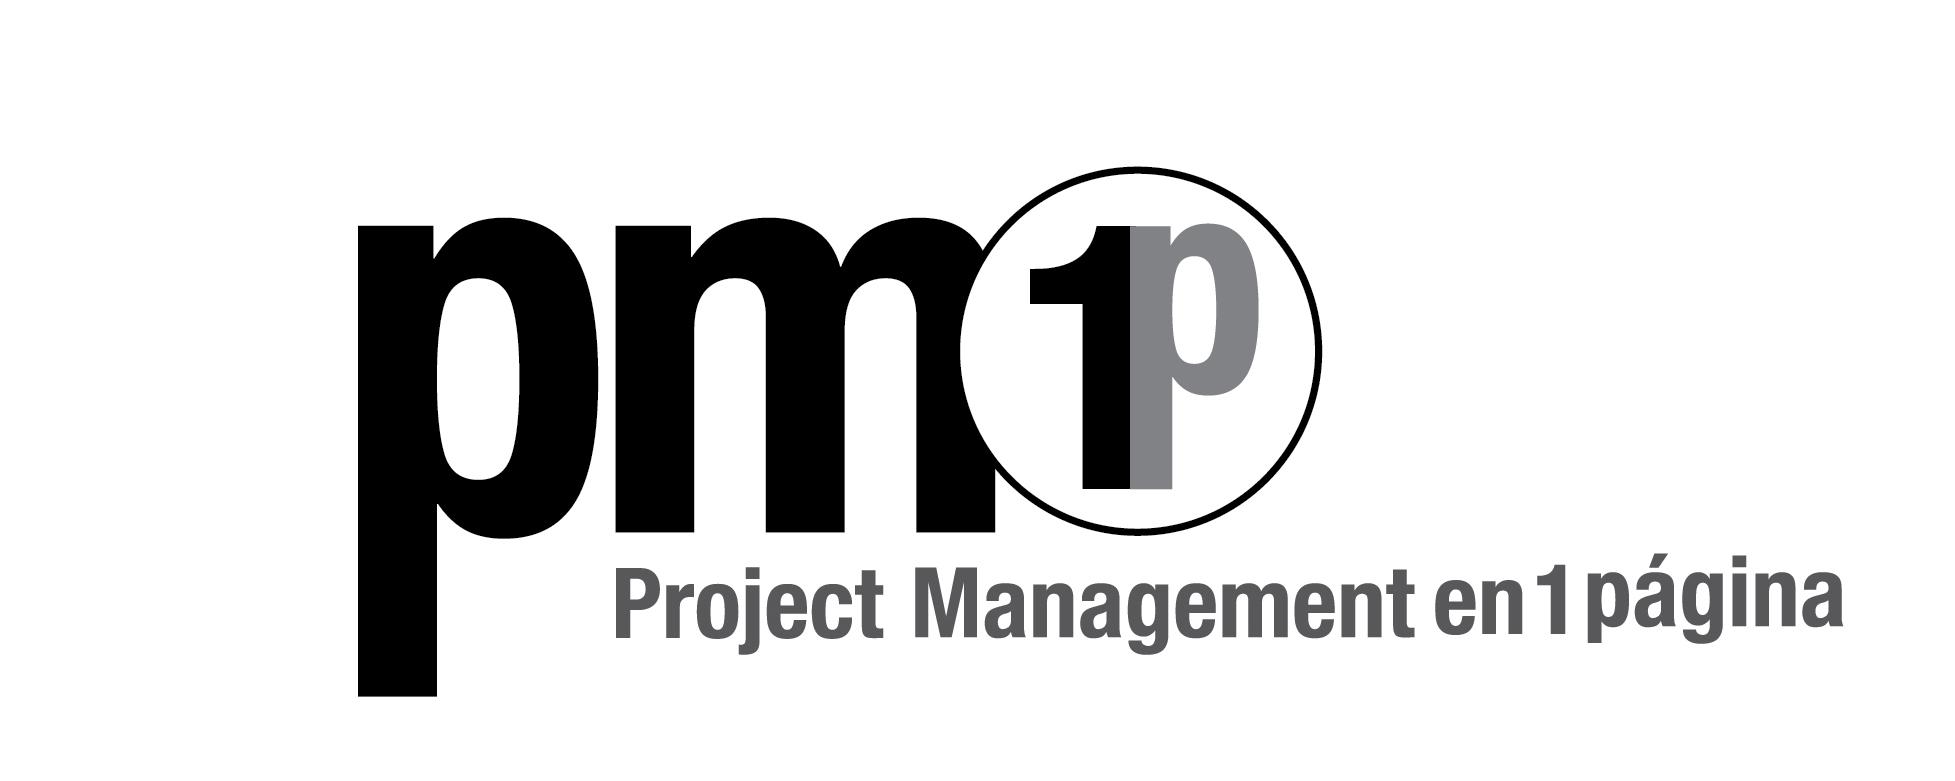 PM1p Logo